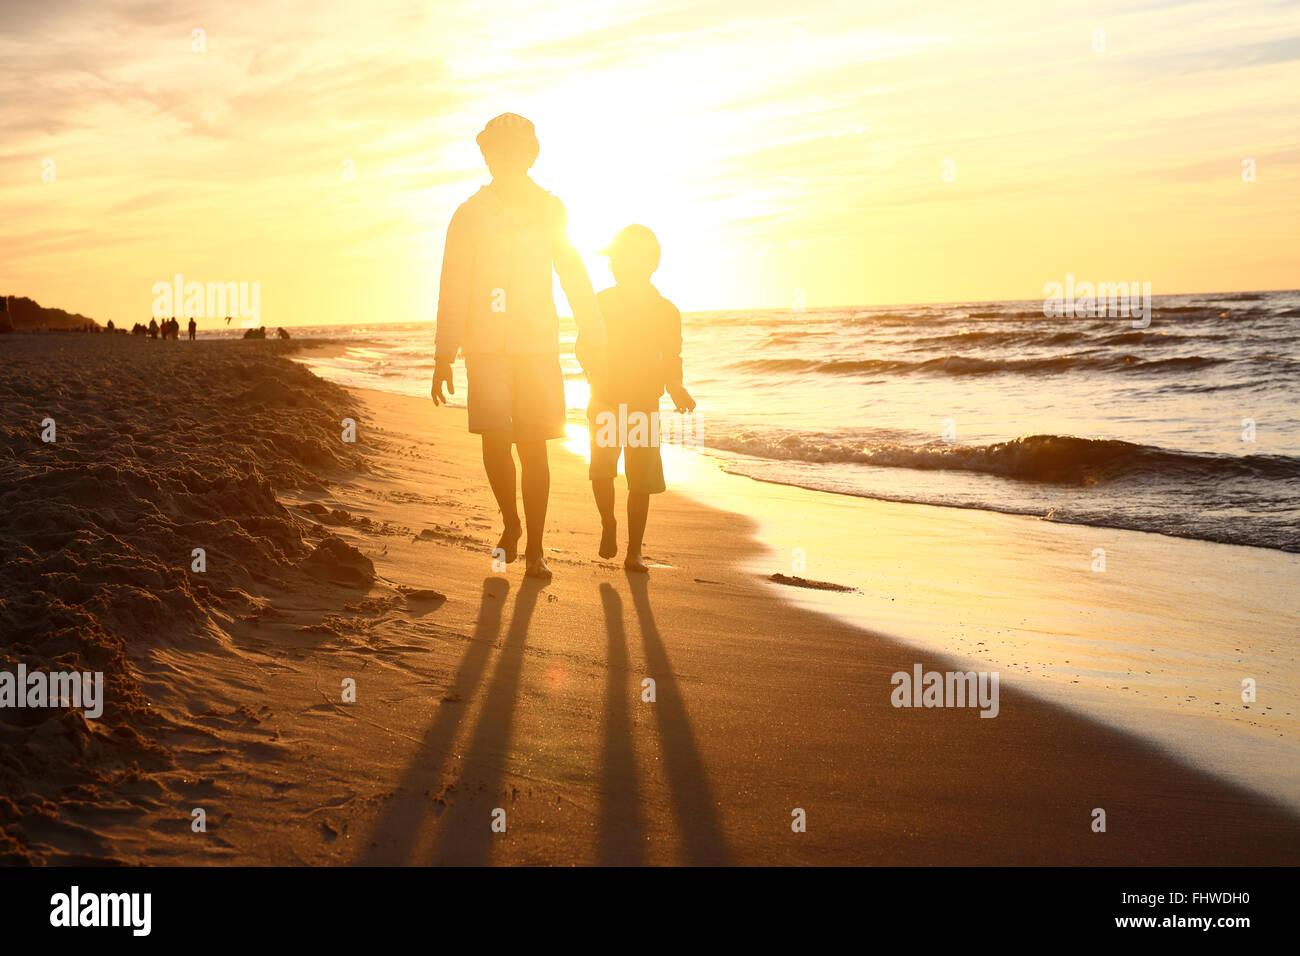 Caminando por la playa al atardecer. Los niños niño y niña jugando en la orilla del mar en una playa Imagen De Stock